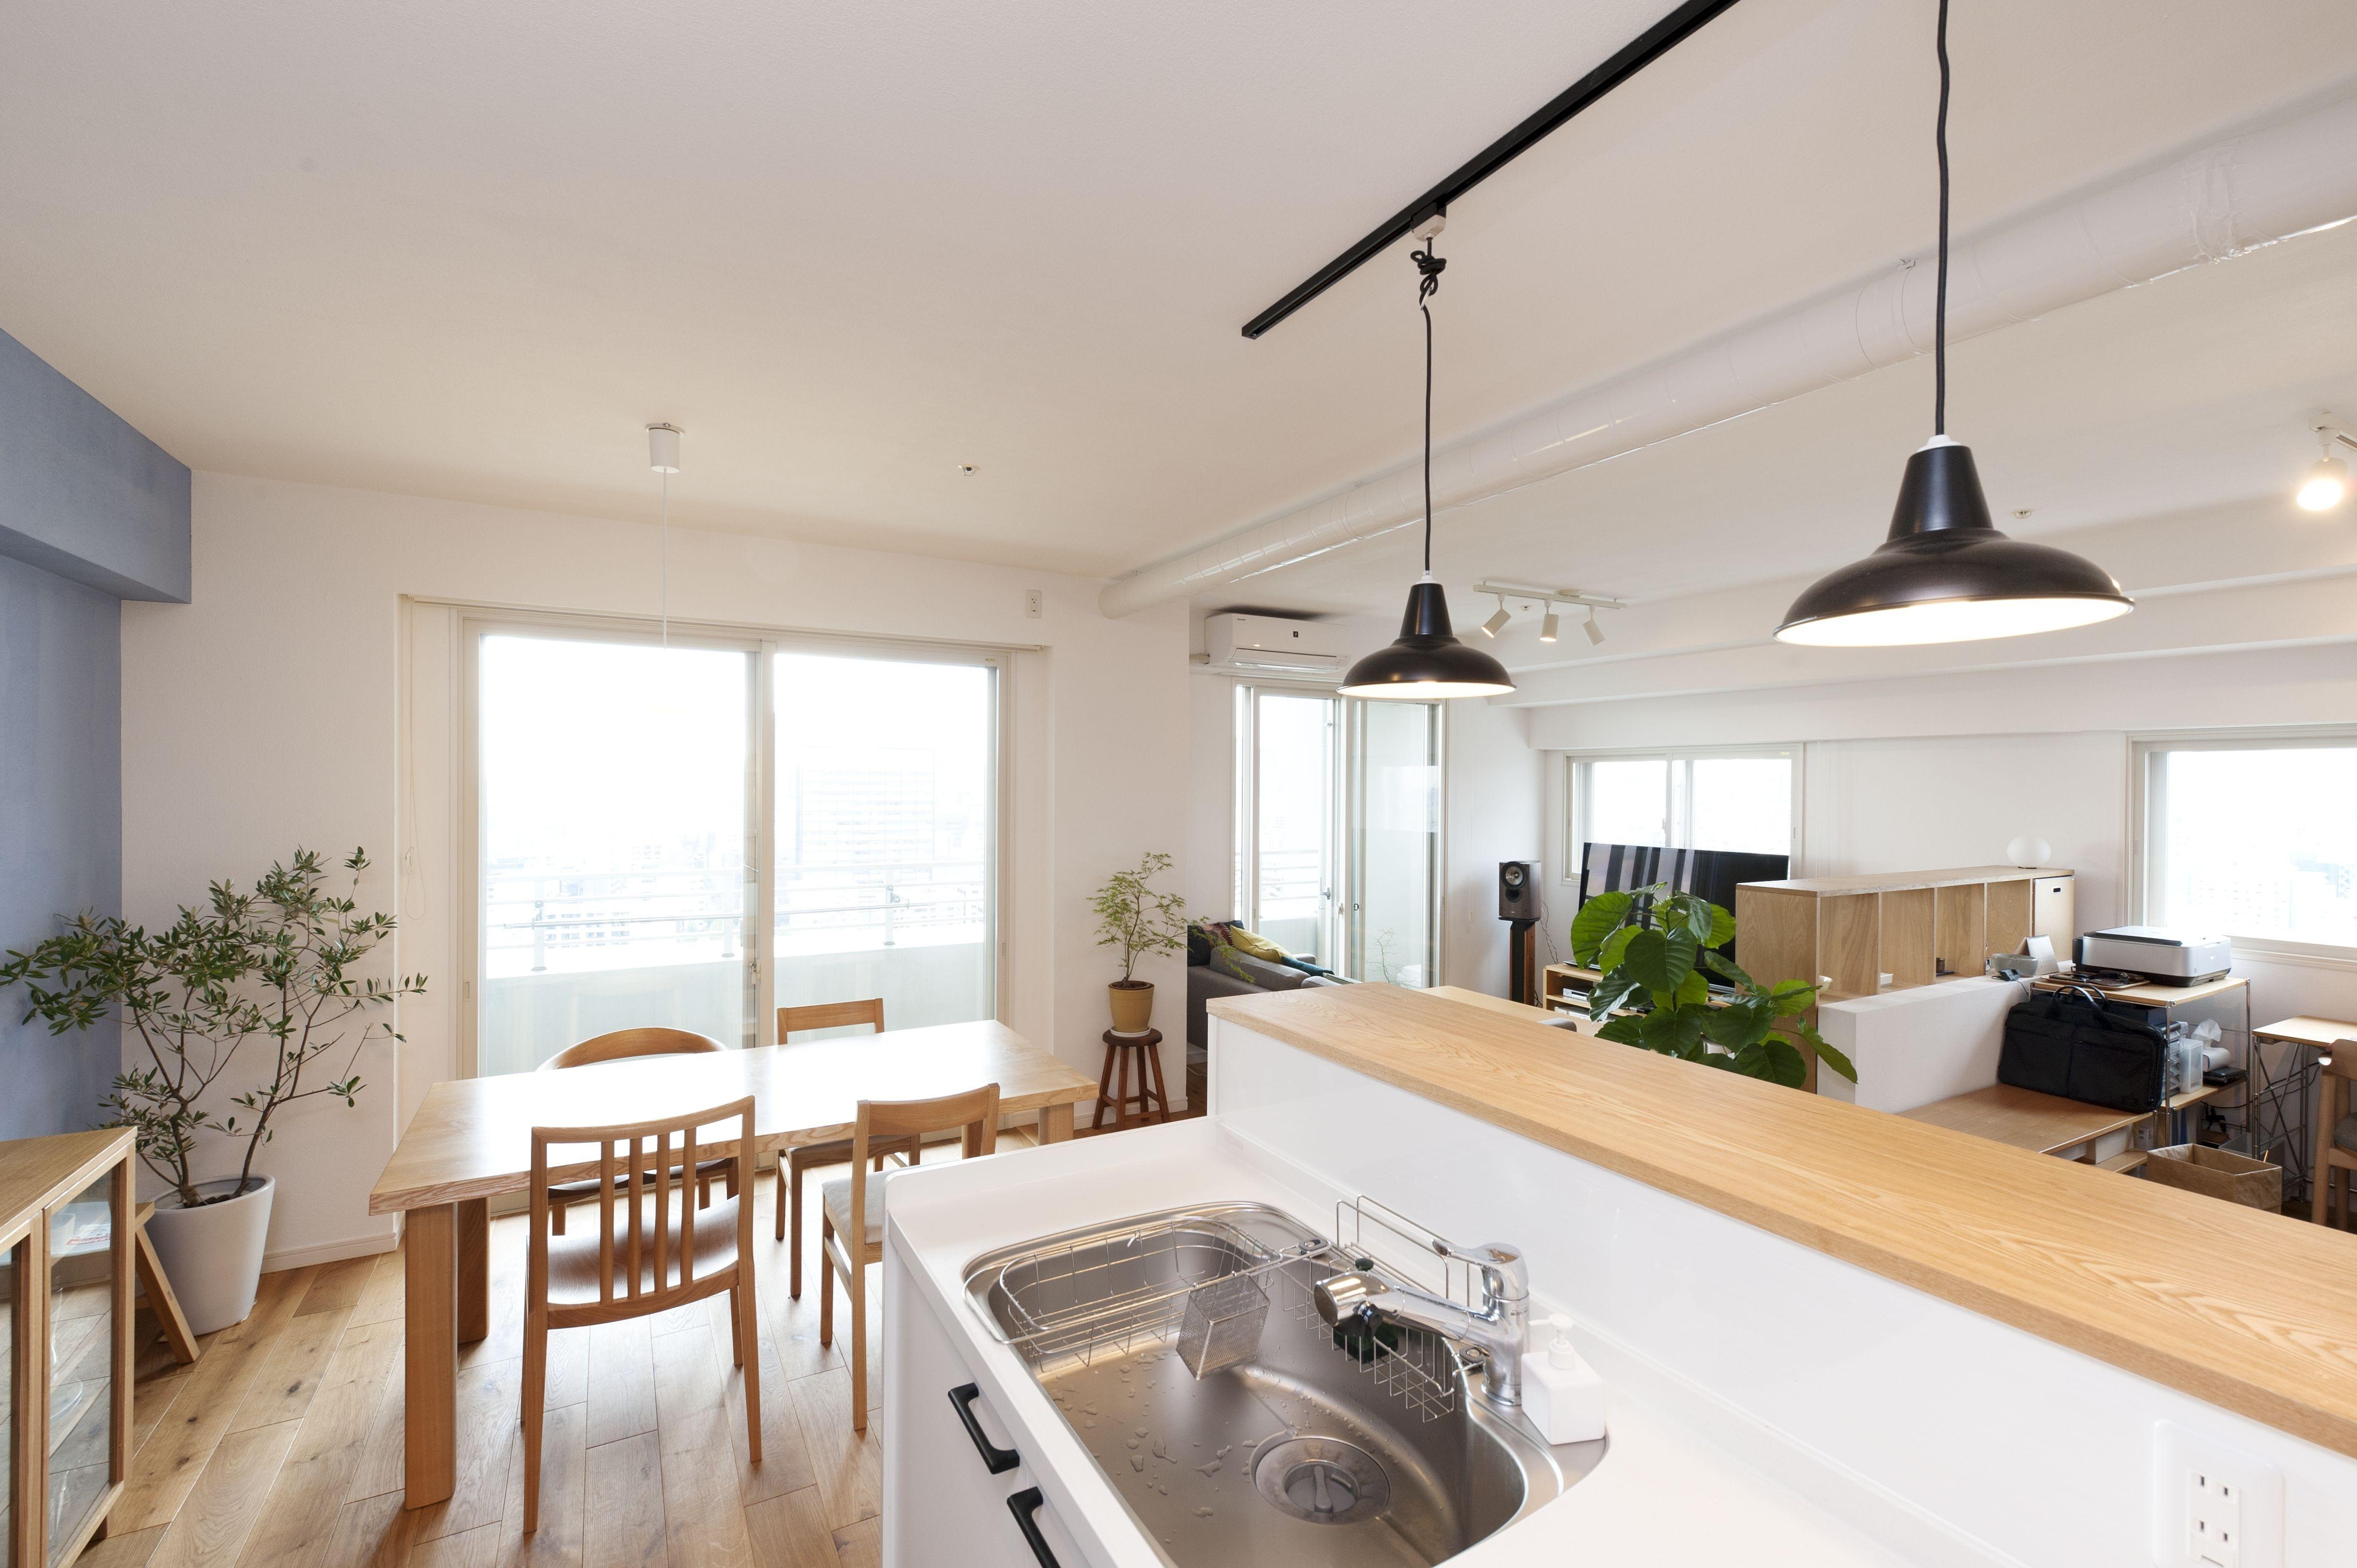 リビングダイニング事例:明るく開放的なキッチン(築10年のマンションを購入し、間取りと内装を好みやライフスタイルに合わせて一新。思い通りの住まいに。)